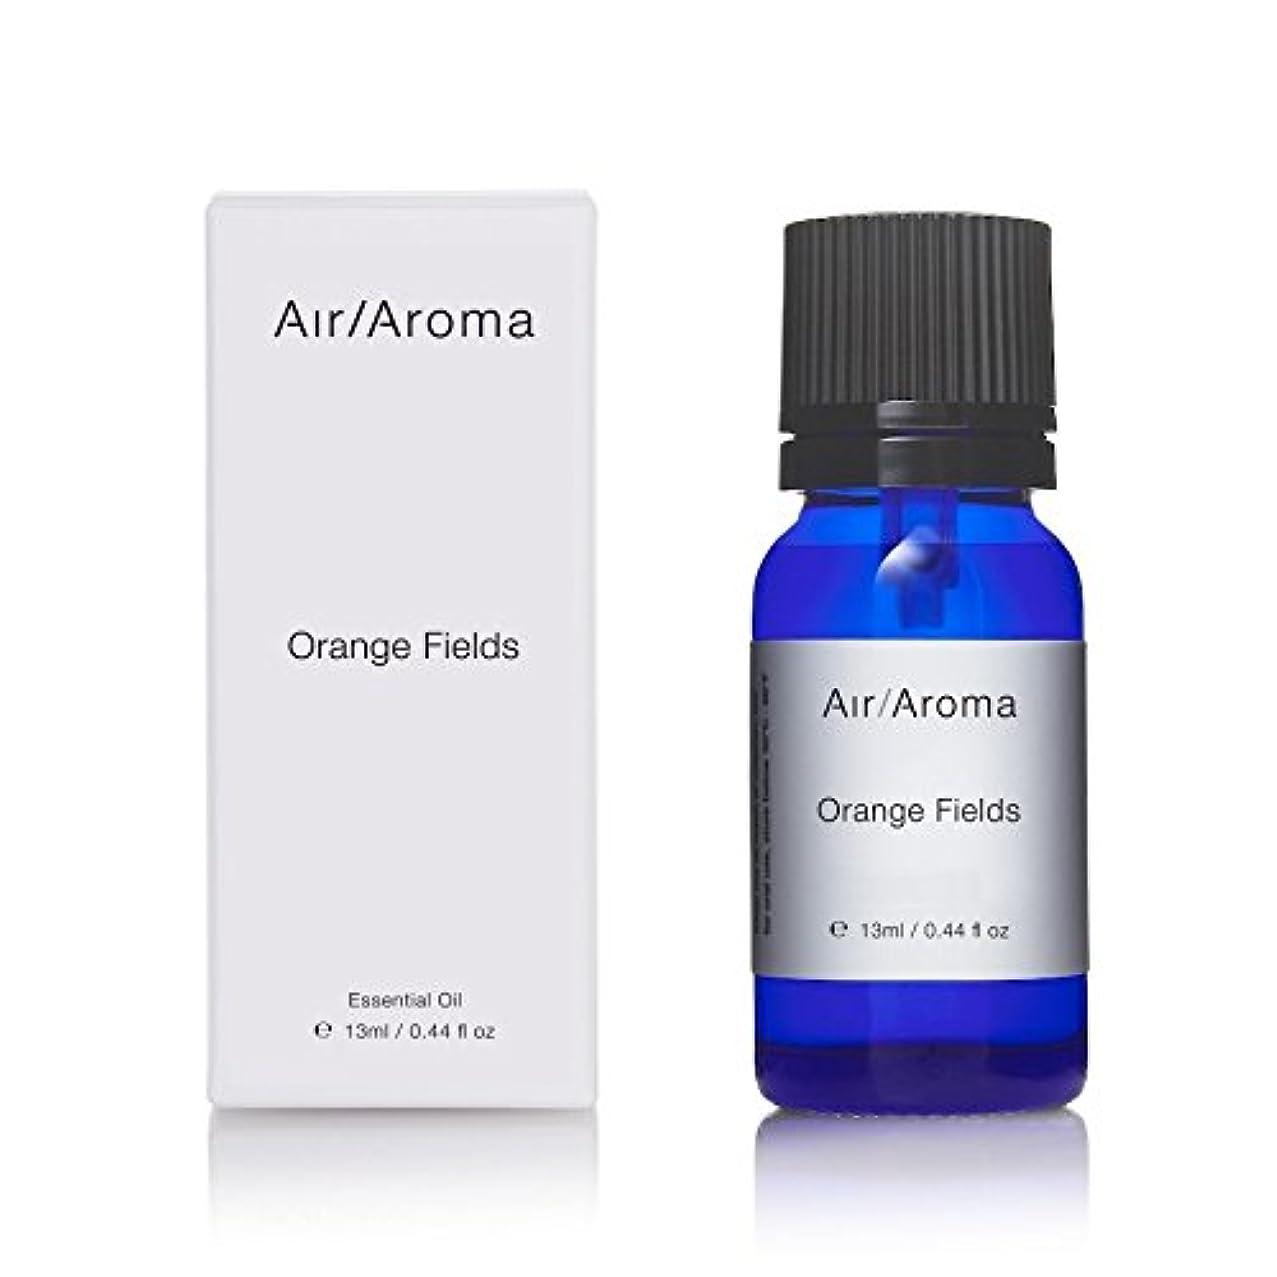 アヒル和解する平和なエアアロマ orange fields (オレンジフィールド) 13ml